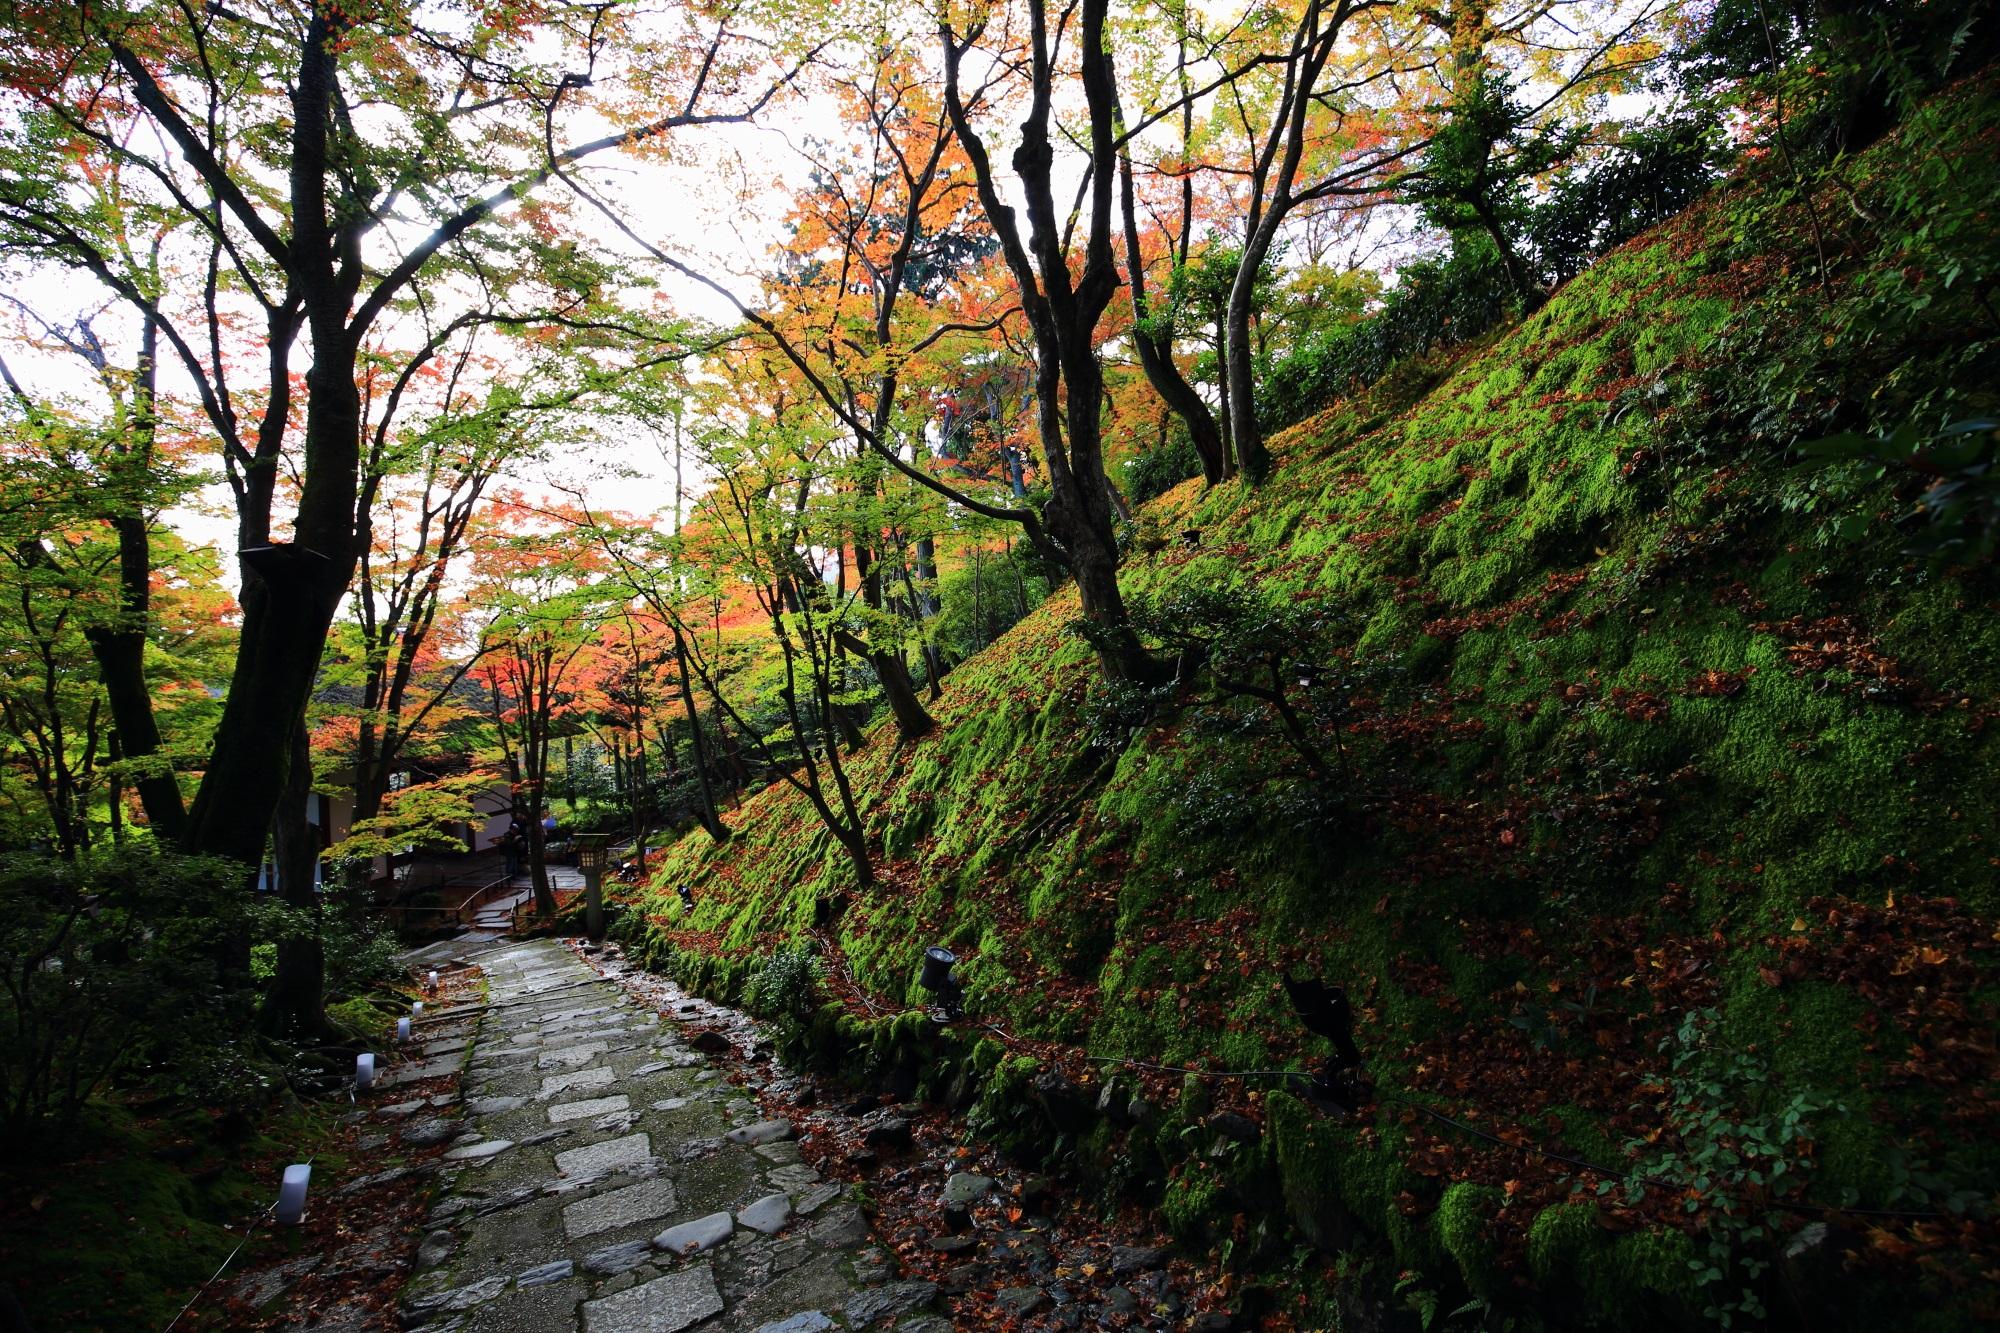 奥嵯峨の常寂光寺の末吉坂の紅葉と苔